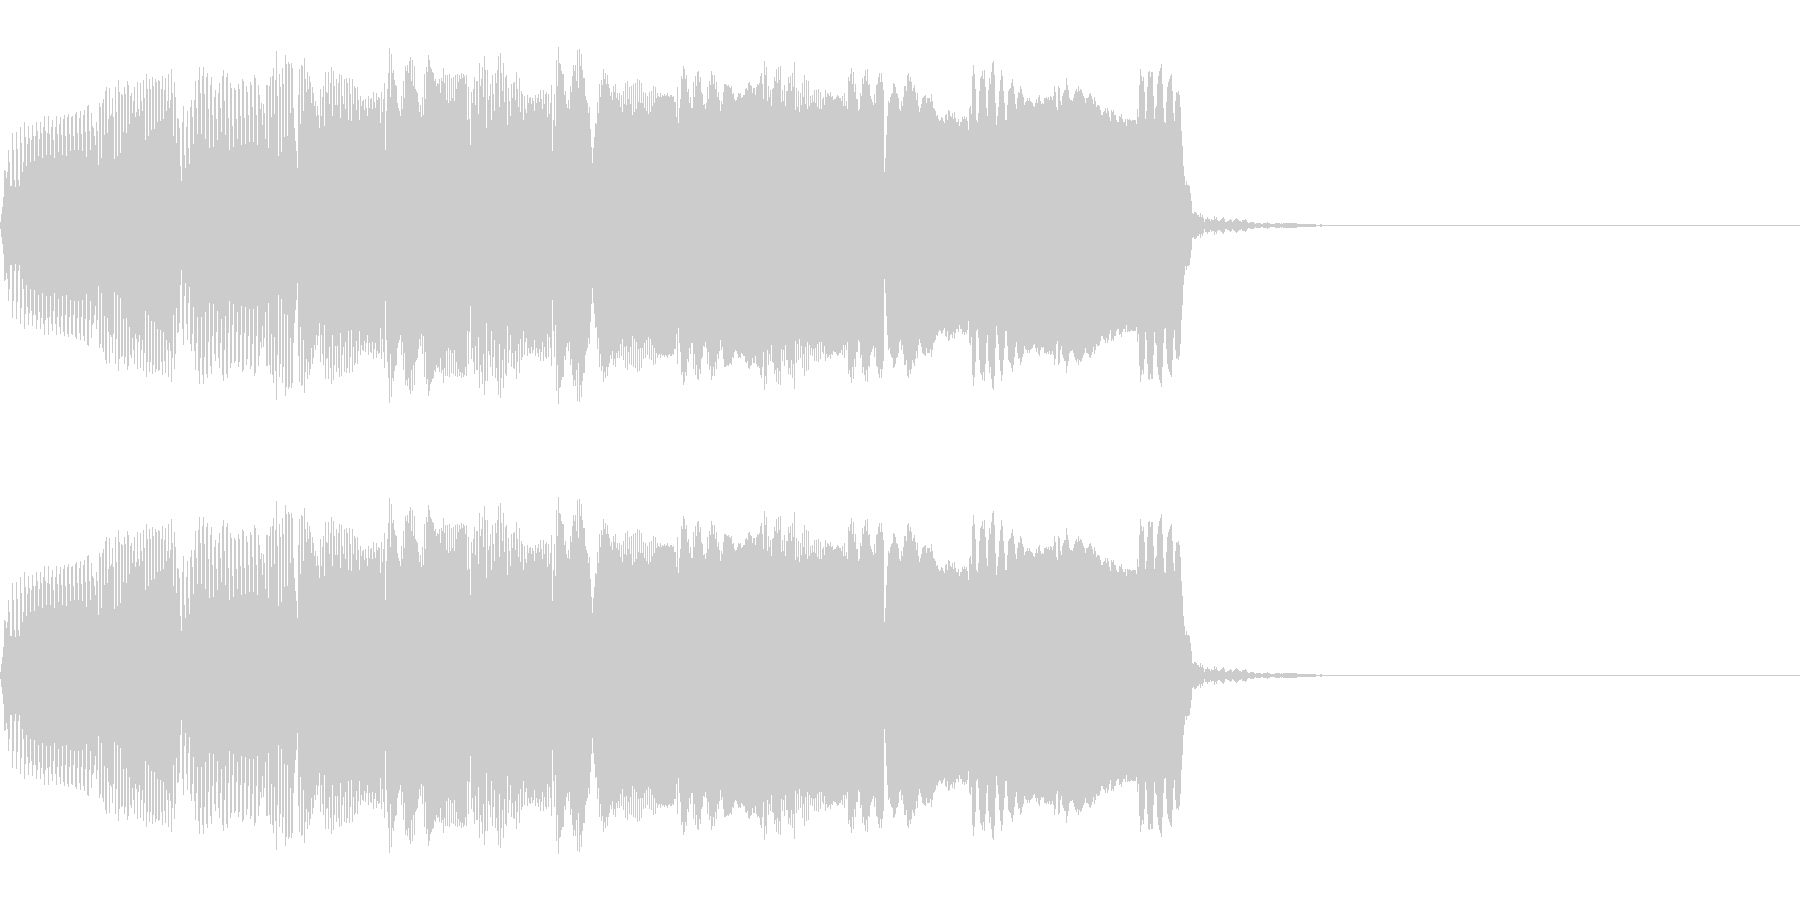 明るい響きのアラーム音(単音)の未再生の波形